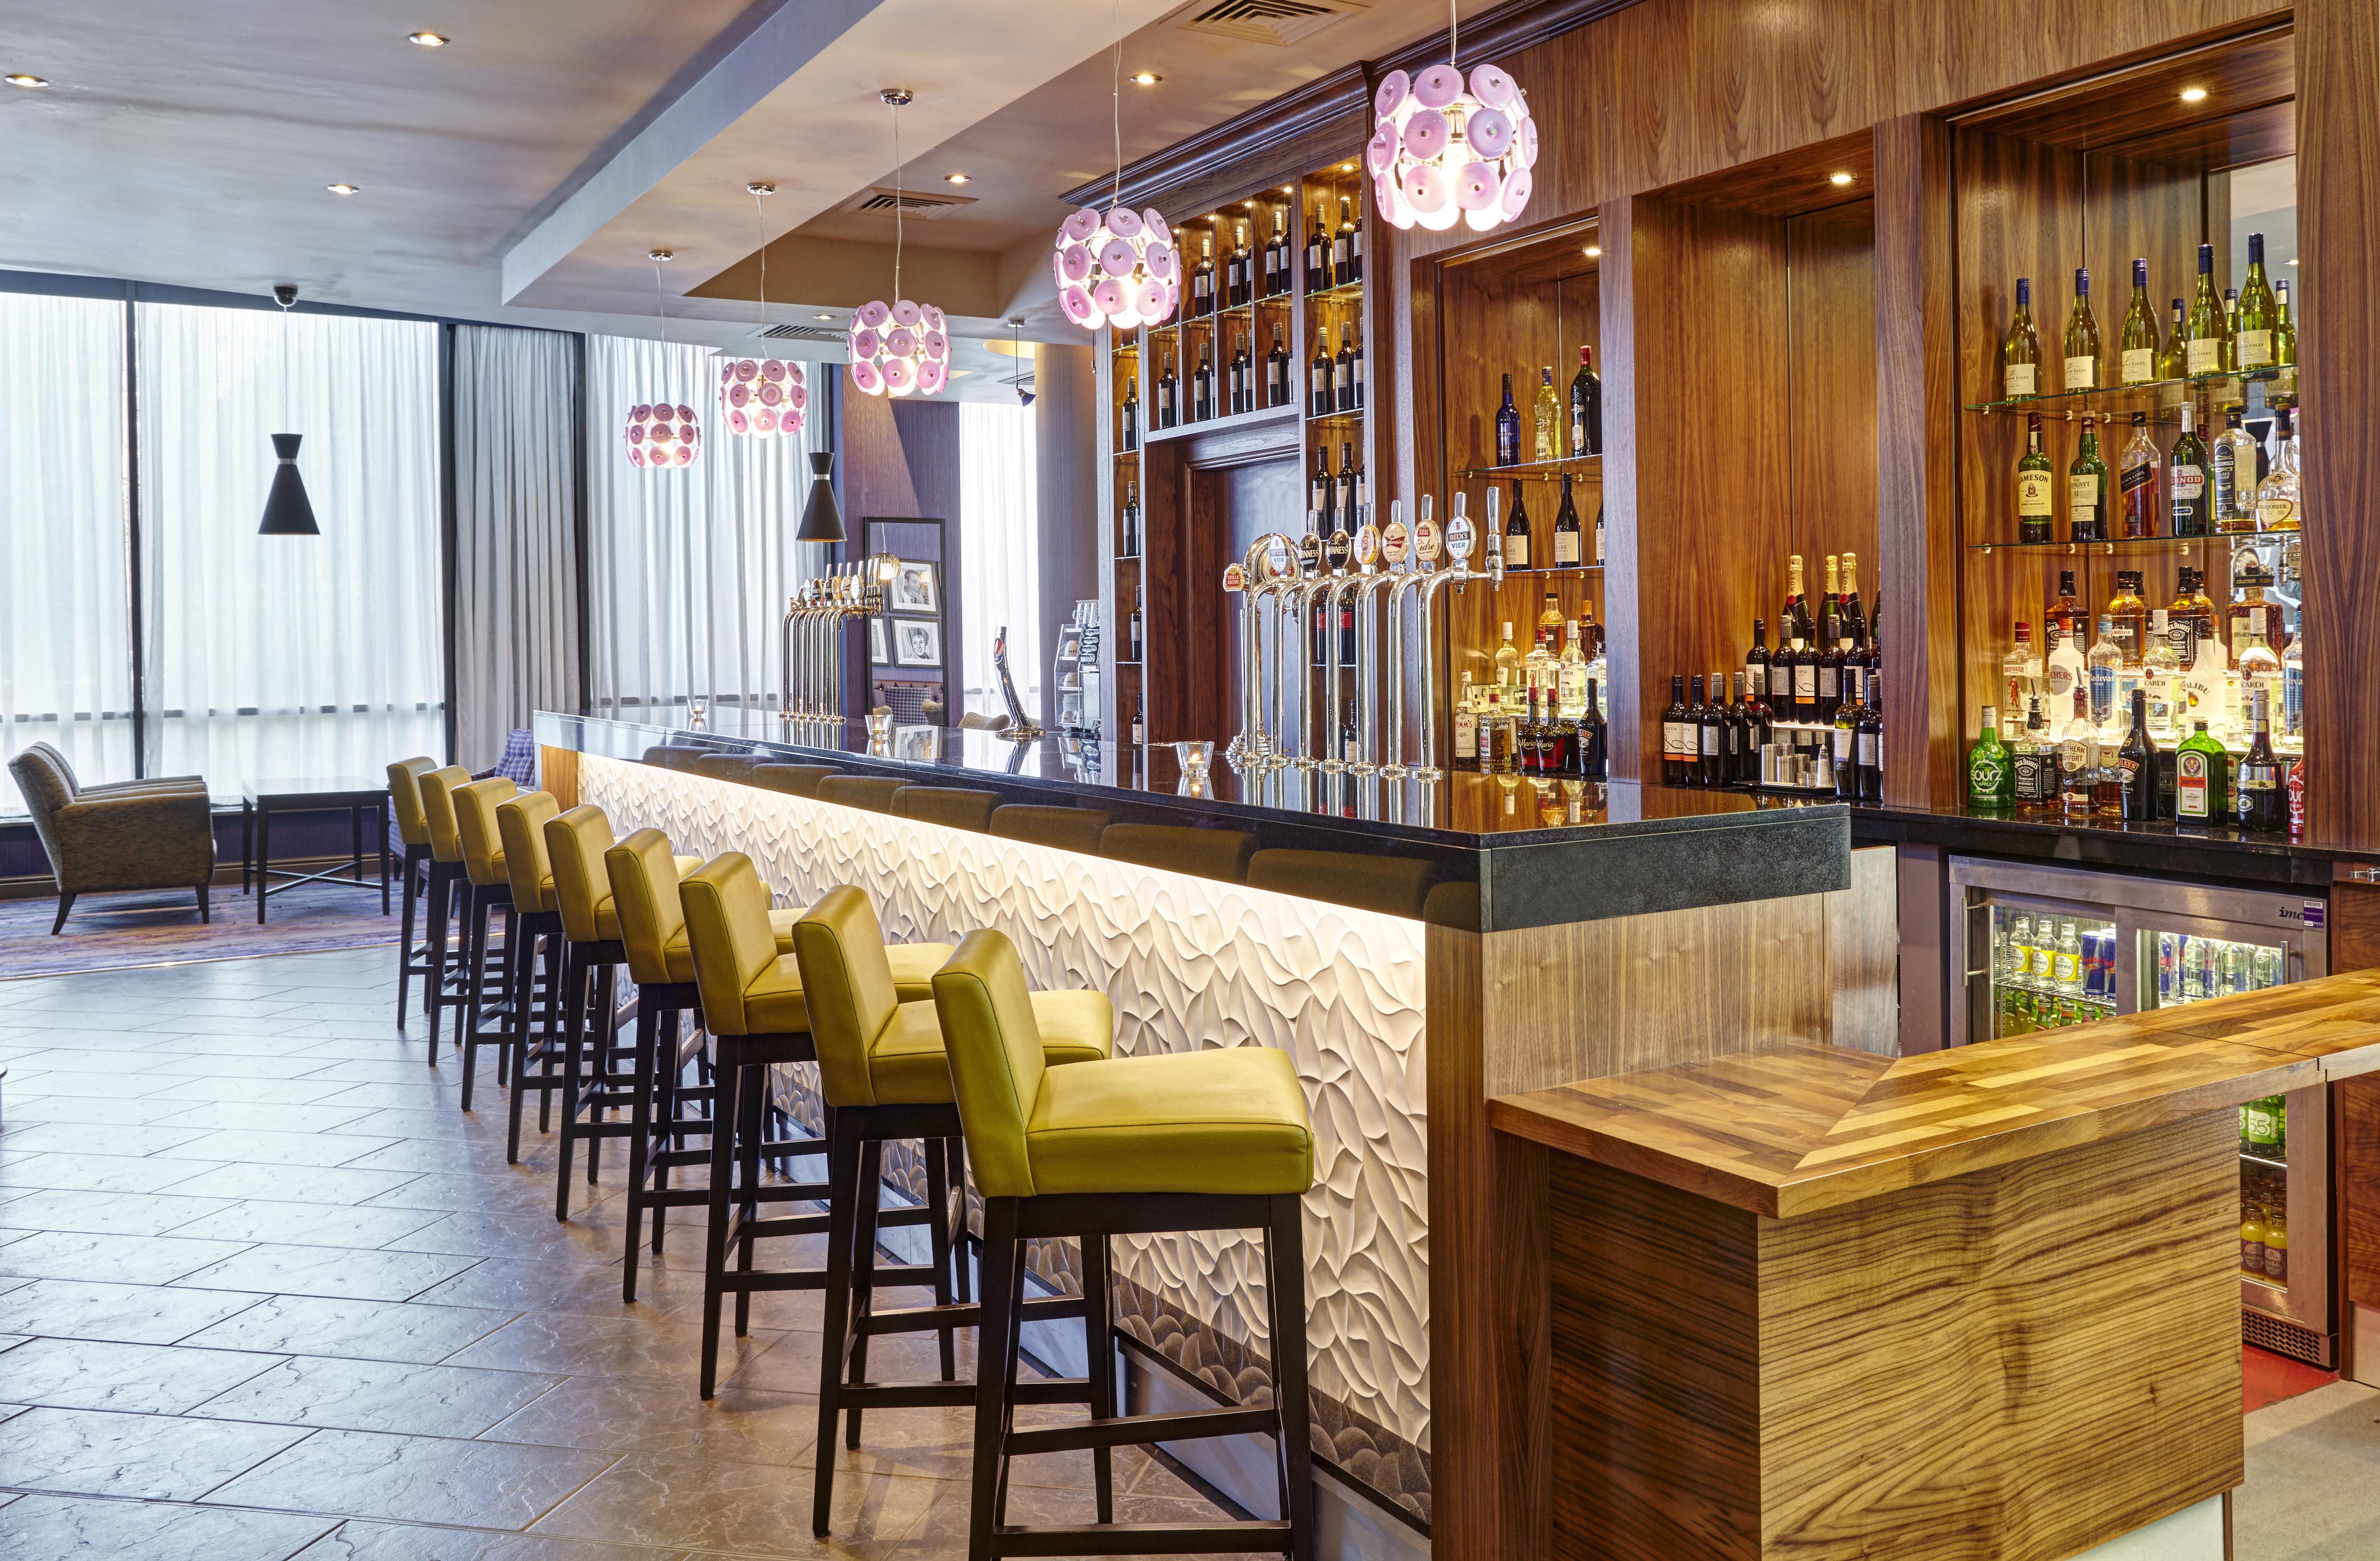 Bar_A_v2 Jurys Inn, UK Wide